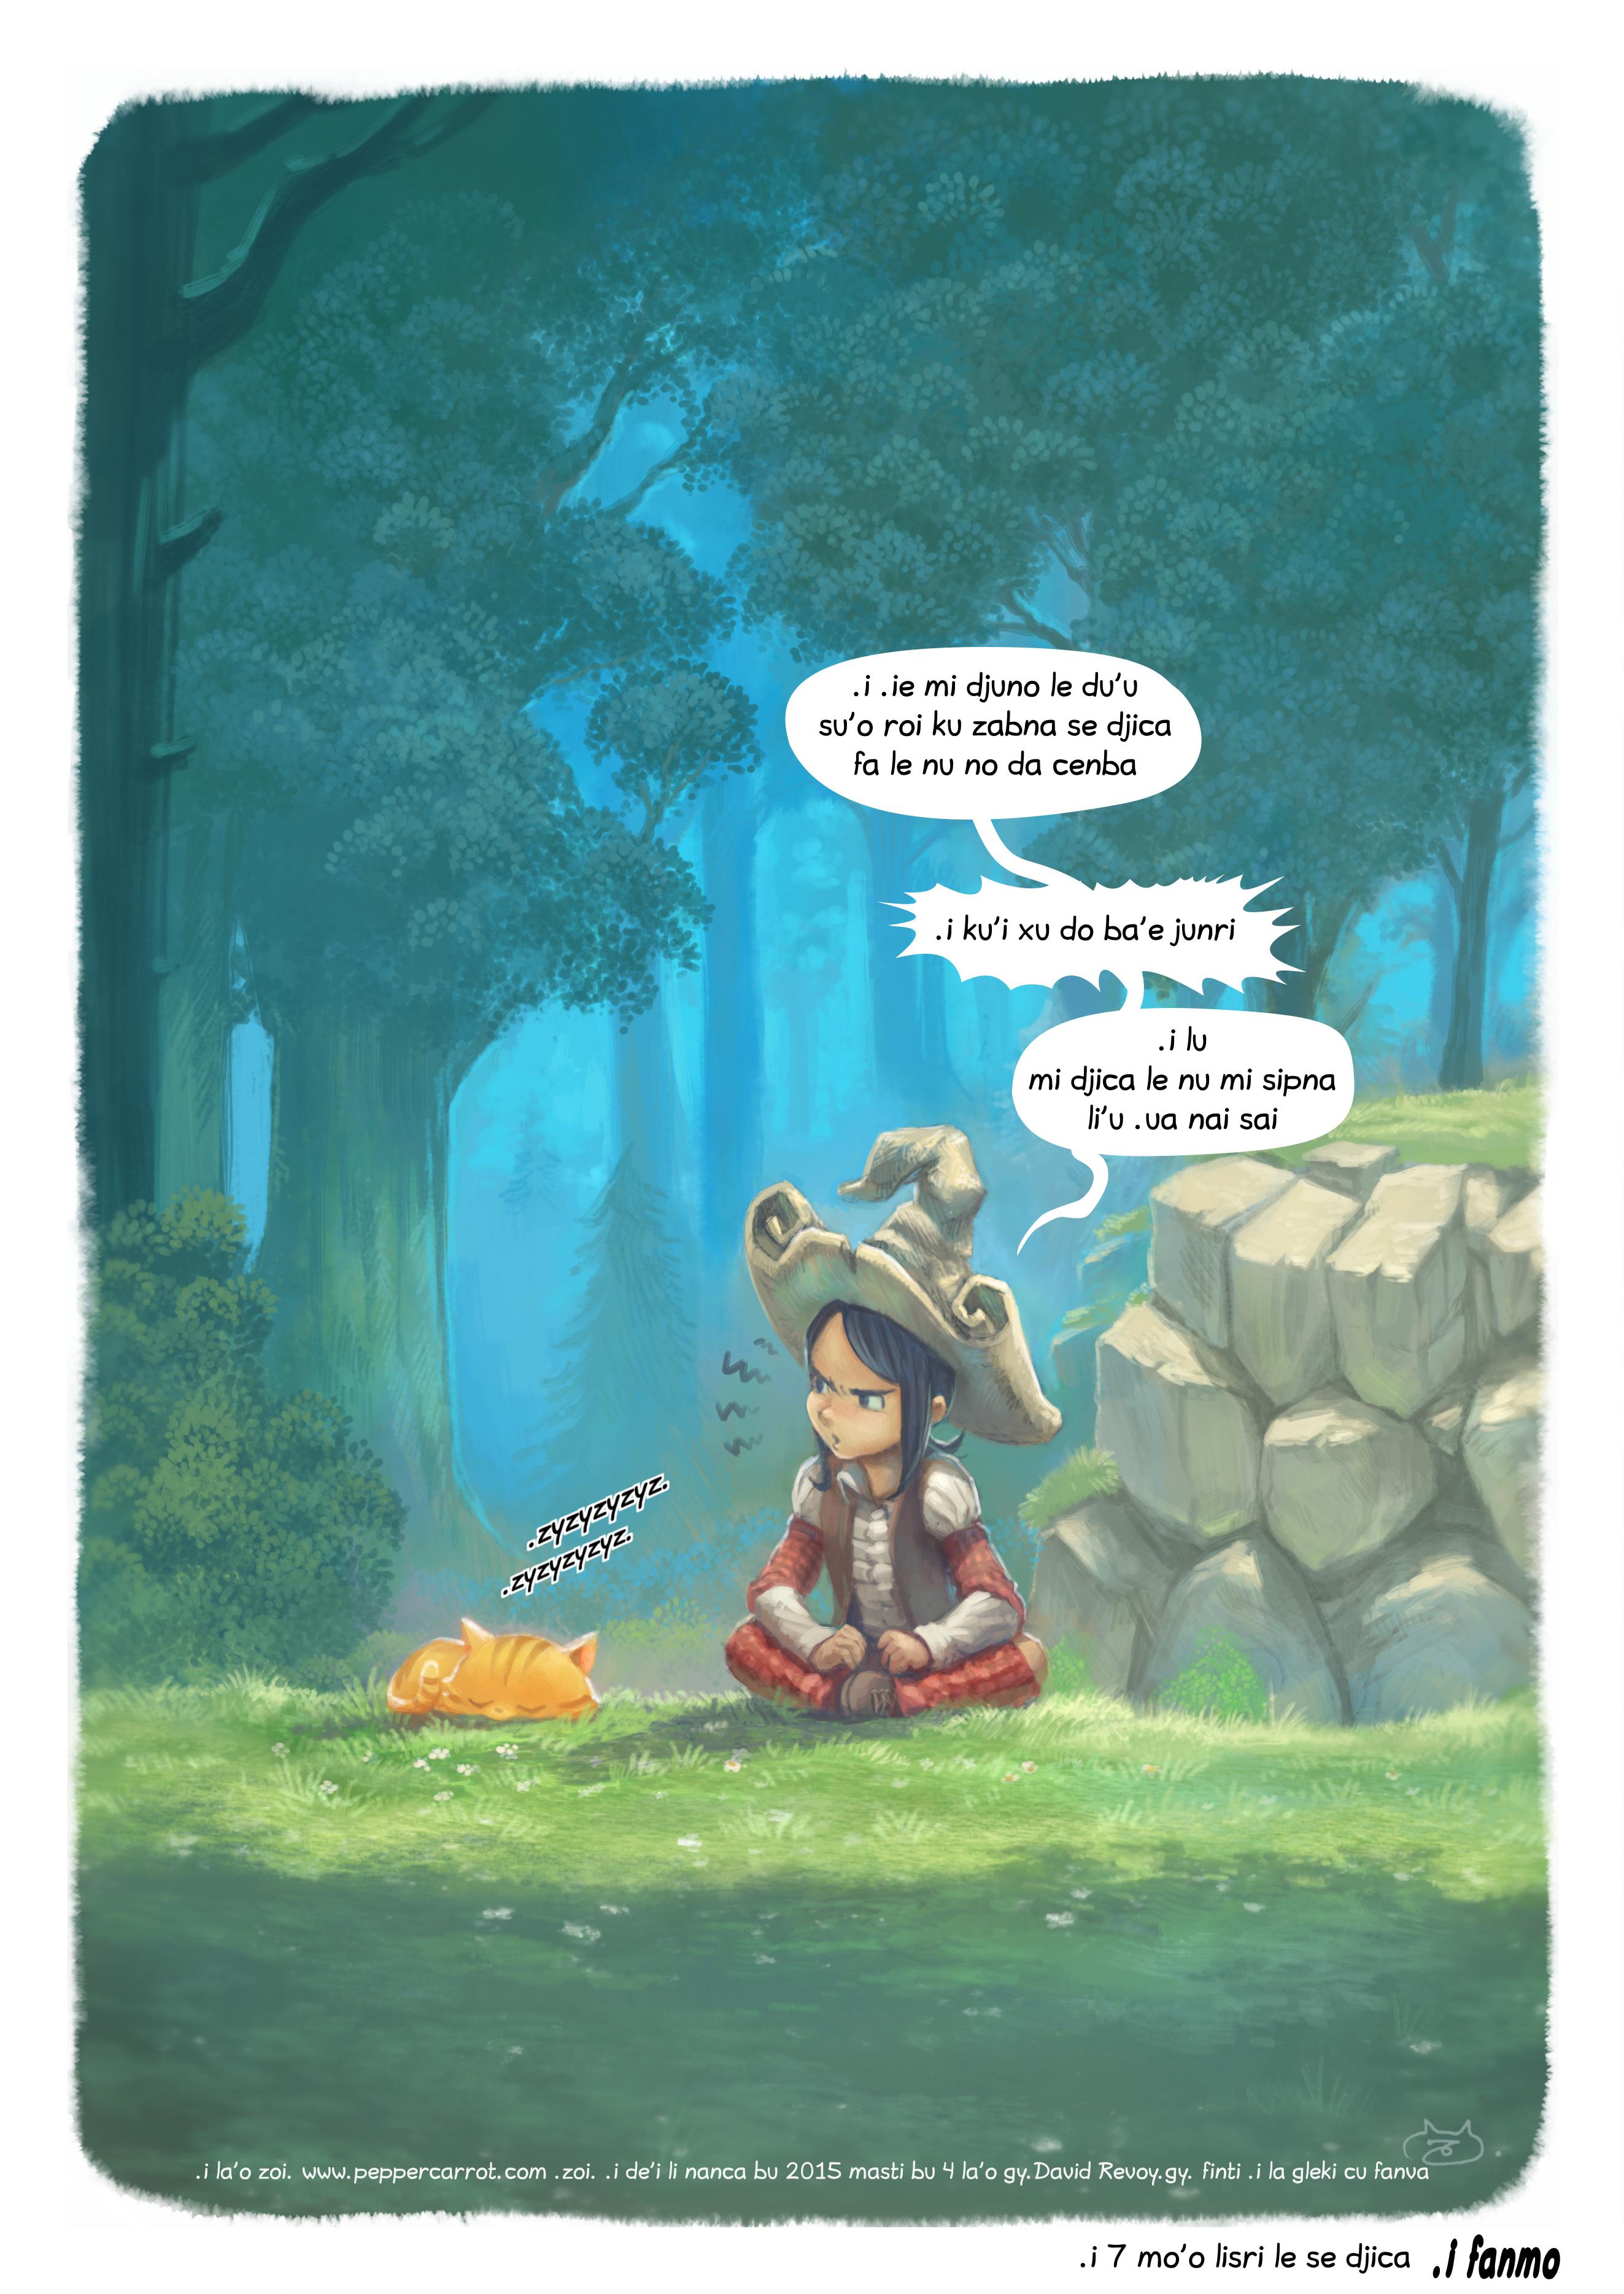 i 7 mo'o lisri le se djica, Page 5